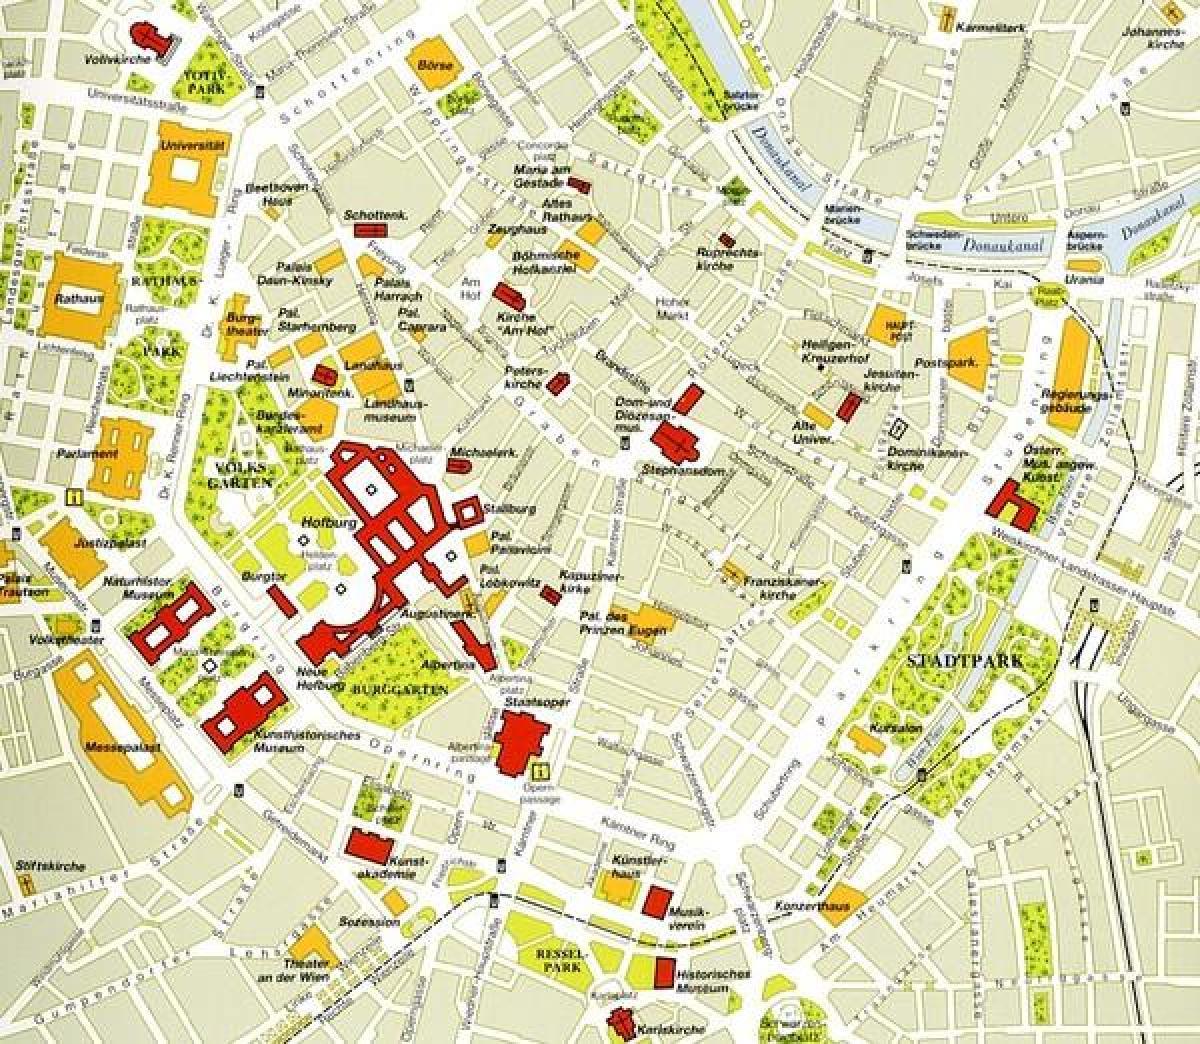 Street Kort Over Wien City Center Wiens Historiske Centrum Kort